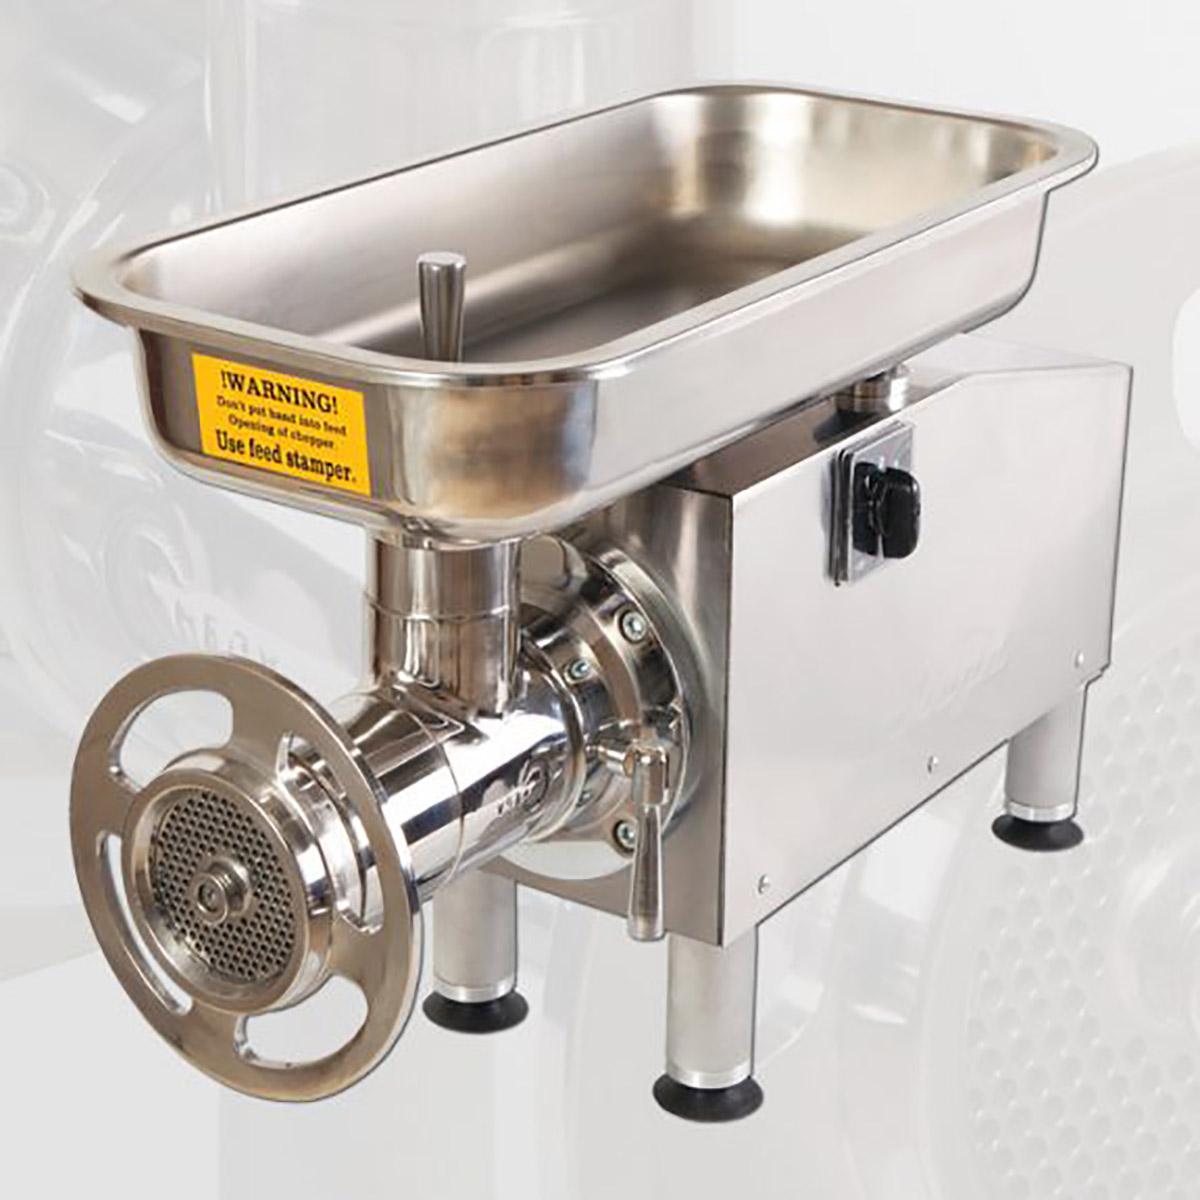 چرخ گوشت چگا 32 رومیزی استیل با موتور موتوژن CHEGA CT100-32